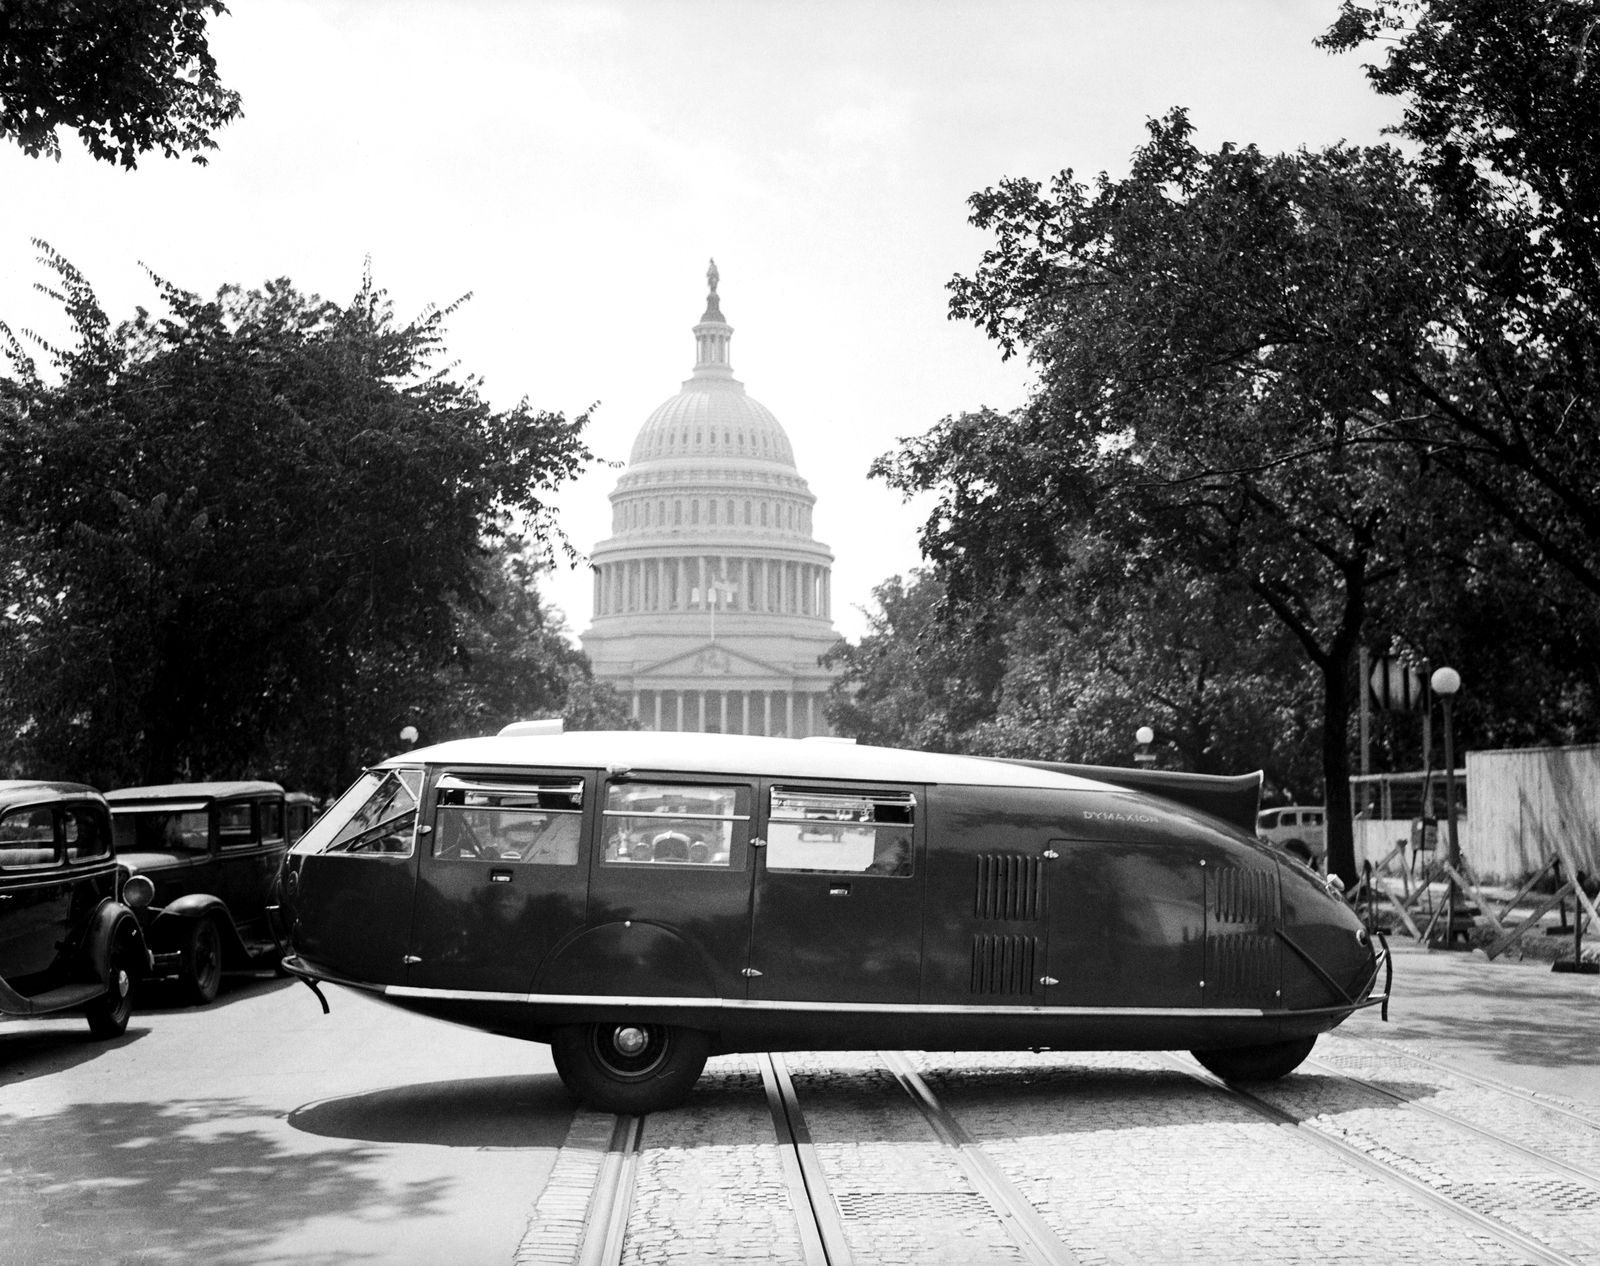 NICHT MEHR VERWENDEN! - Dymaxion automobile / Norman Foster